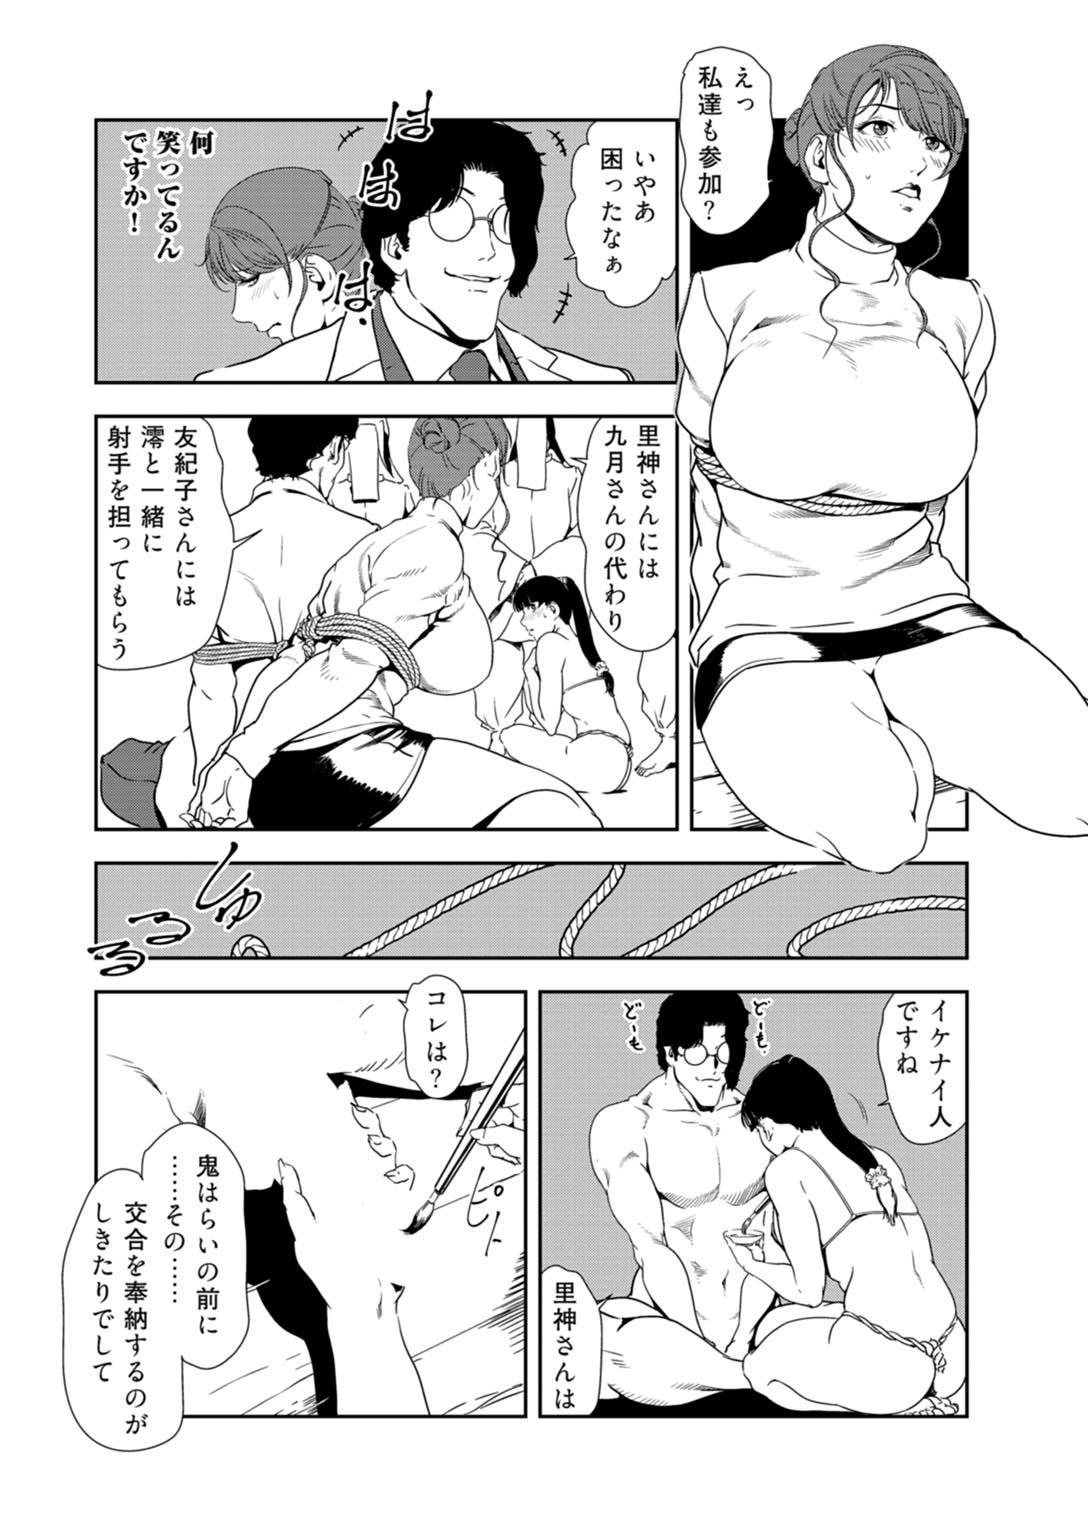 Nikuhisyo Yukiko 33 12